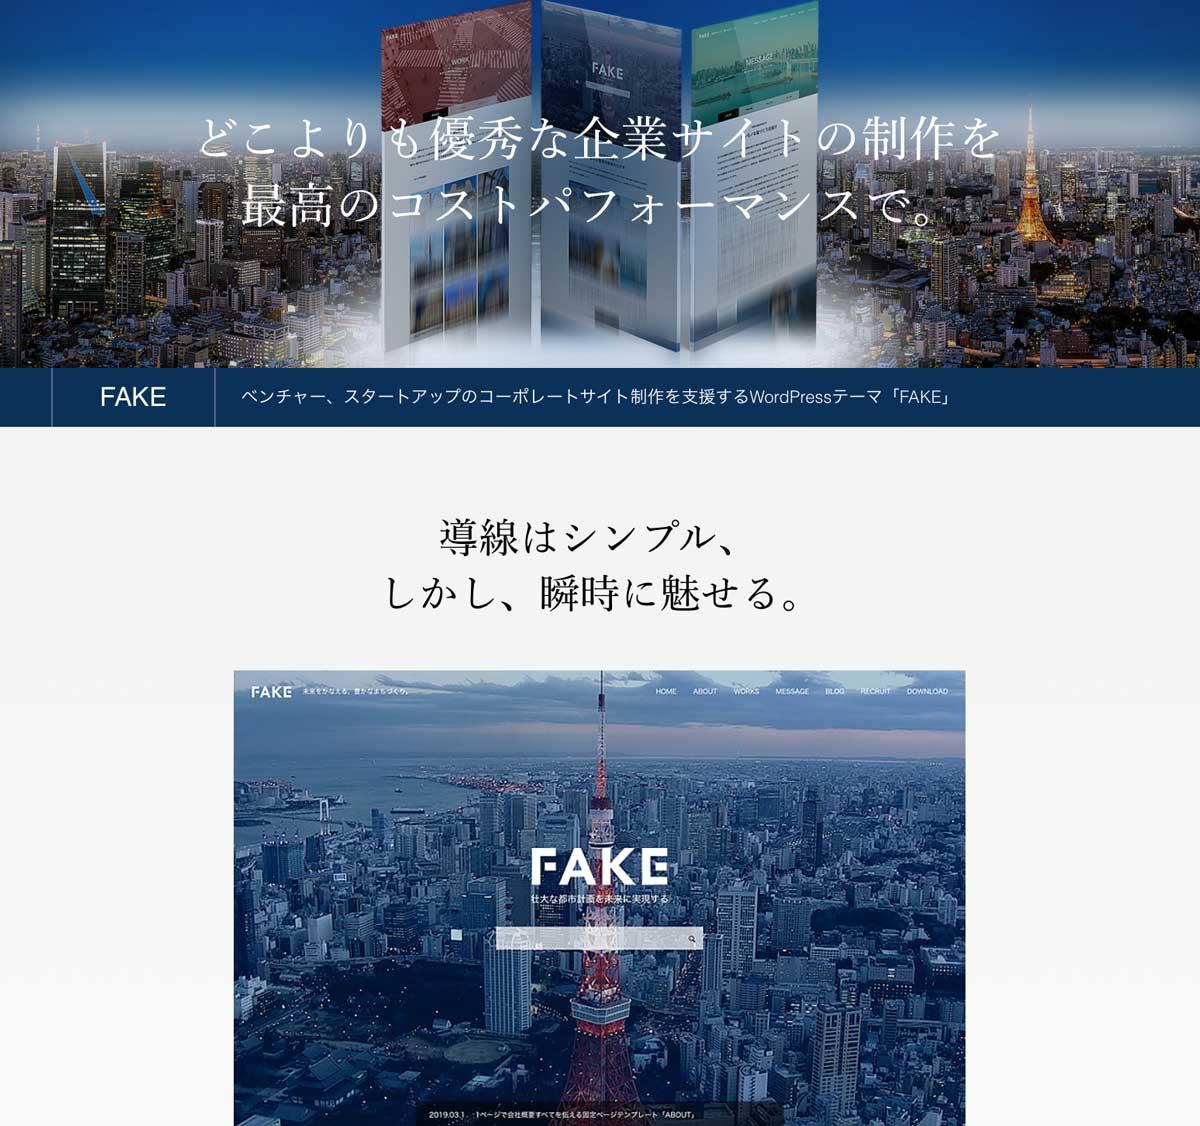 FAKEは、ベンチャー、スタートアップのコーポレートサイト制作・企業サイト制作を支援するWordPressテーマ wordpress_free_themes_tcd074_01